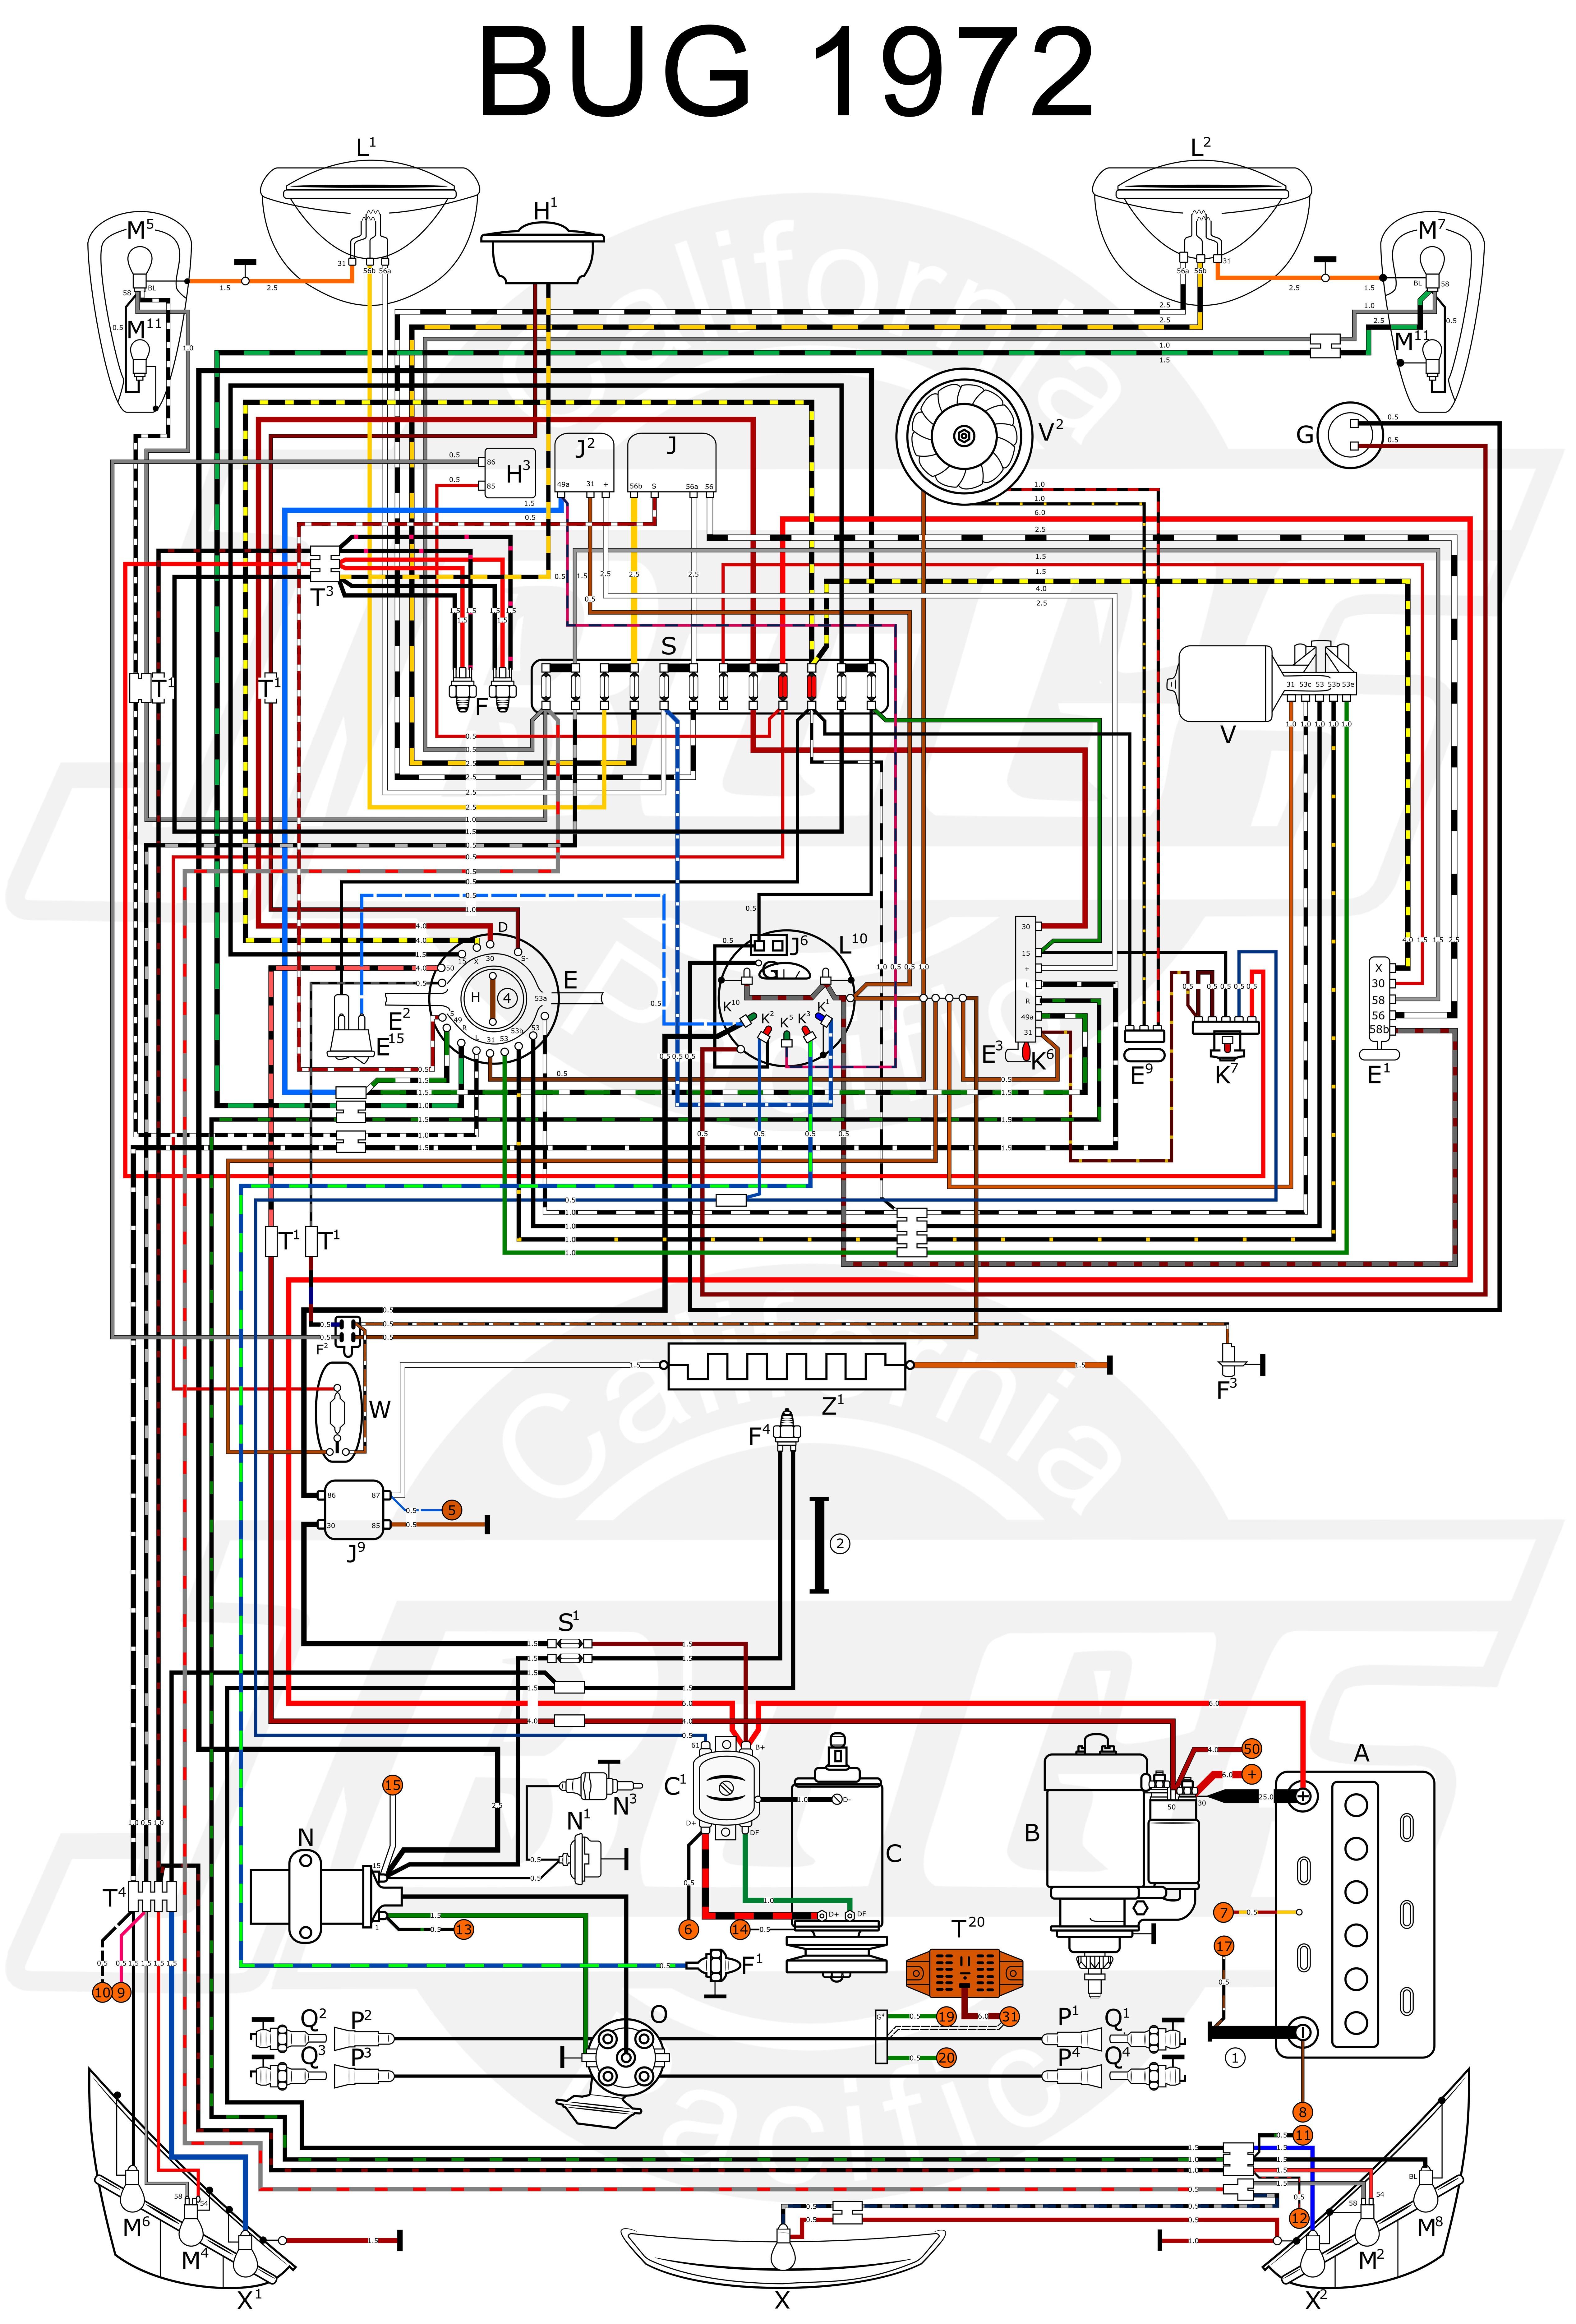 Vw Beetle Wiring Diagram 1970 Beetle Fuse Box Layout Wiring Diagrams • Of Vw Beetle Wiring Diagram